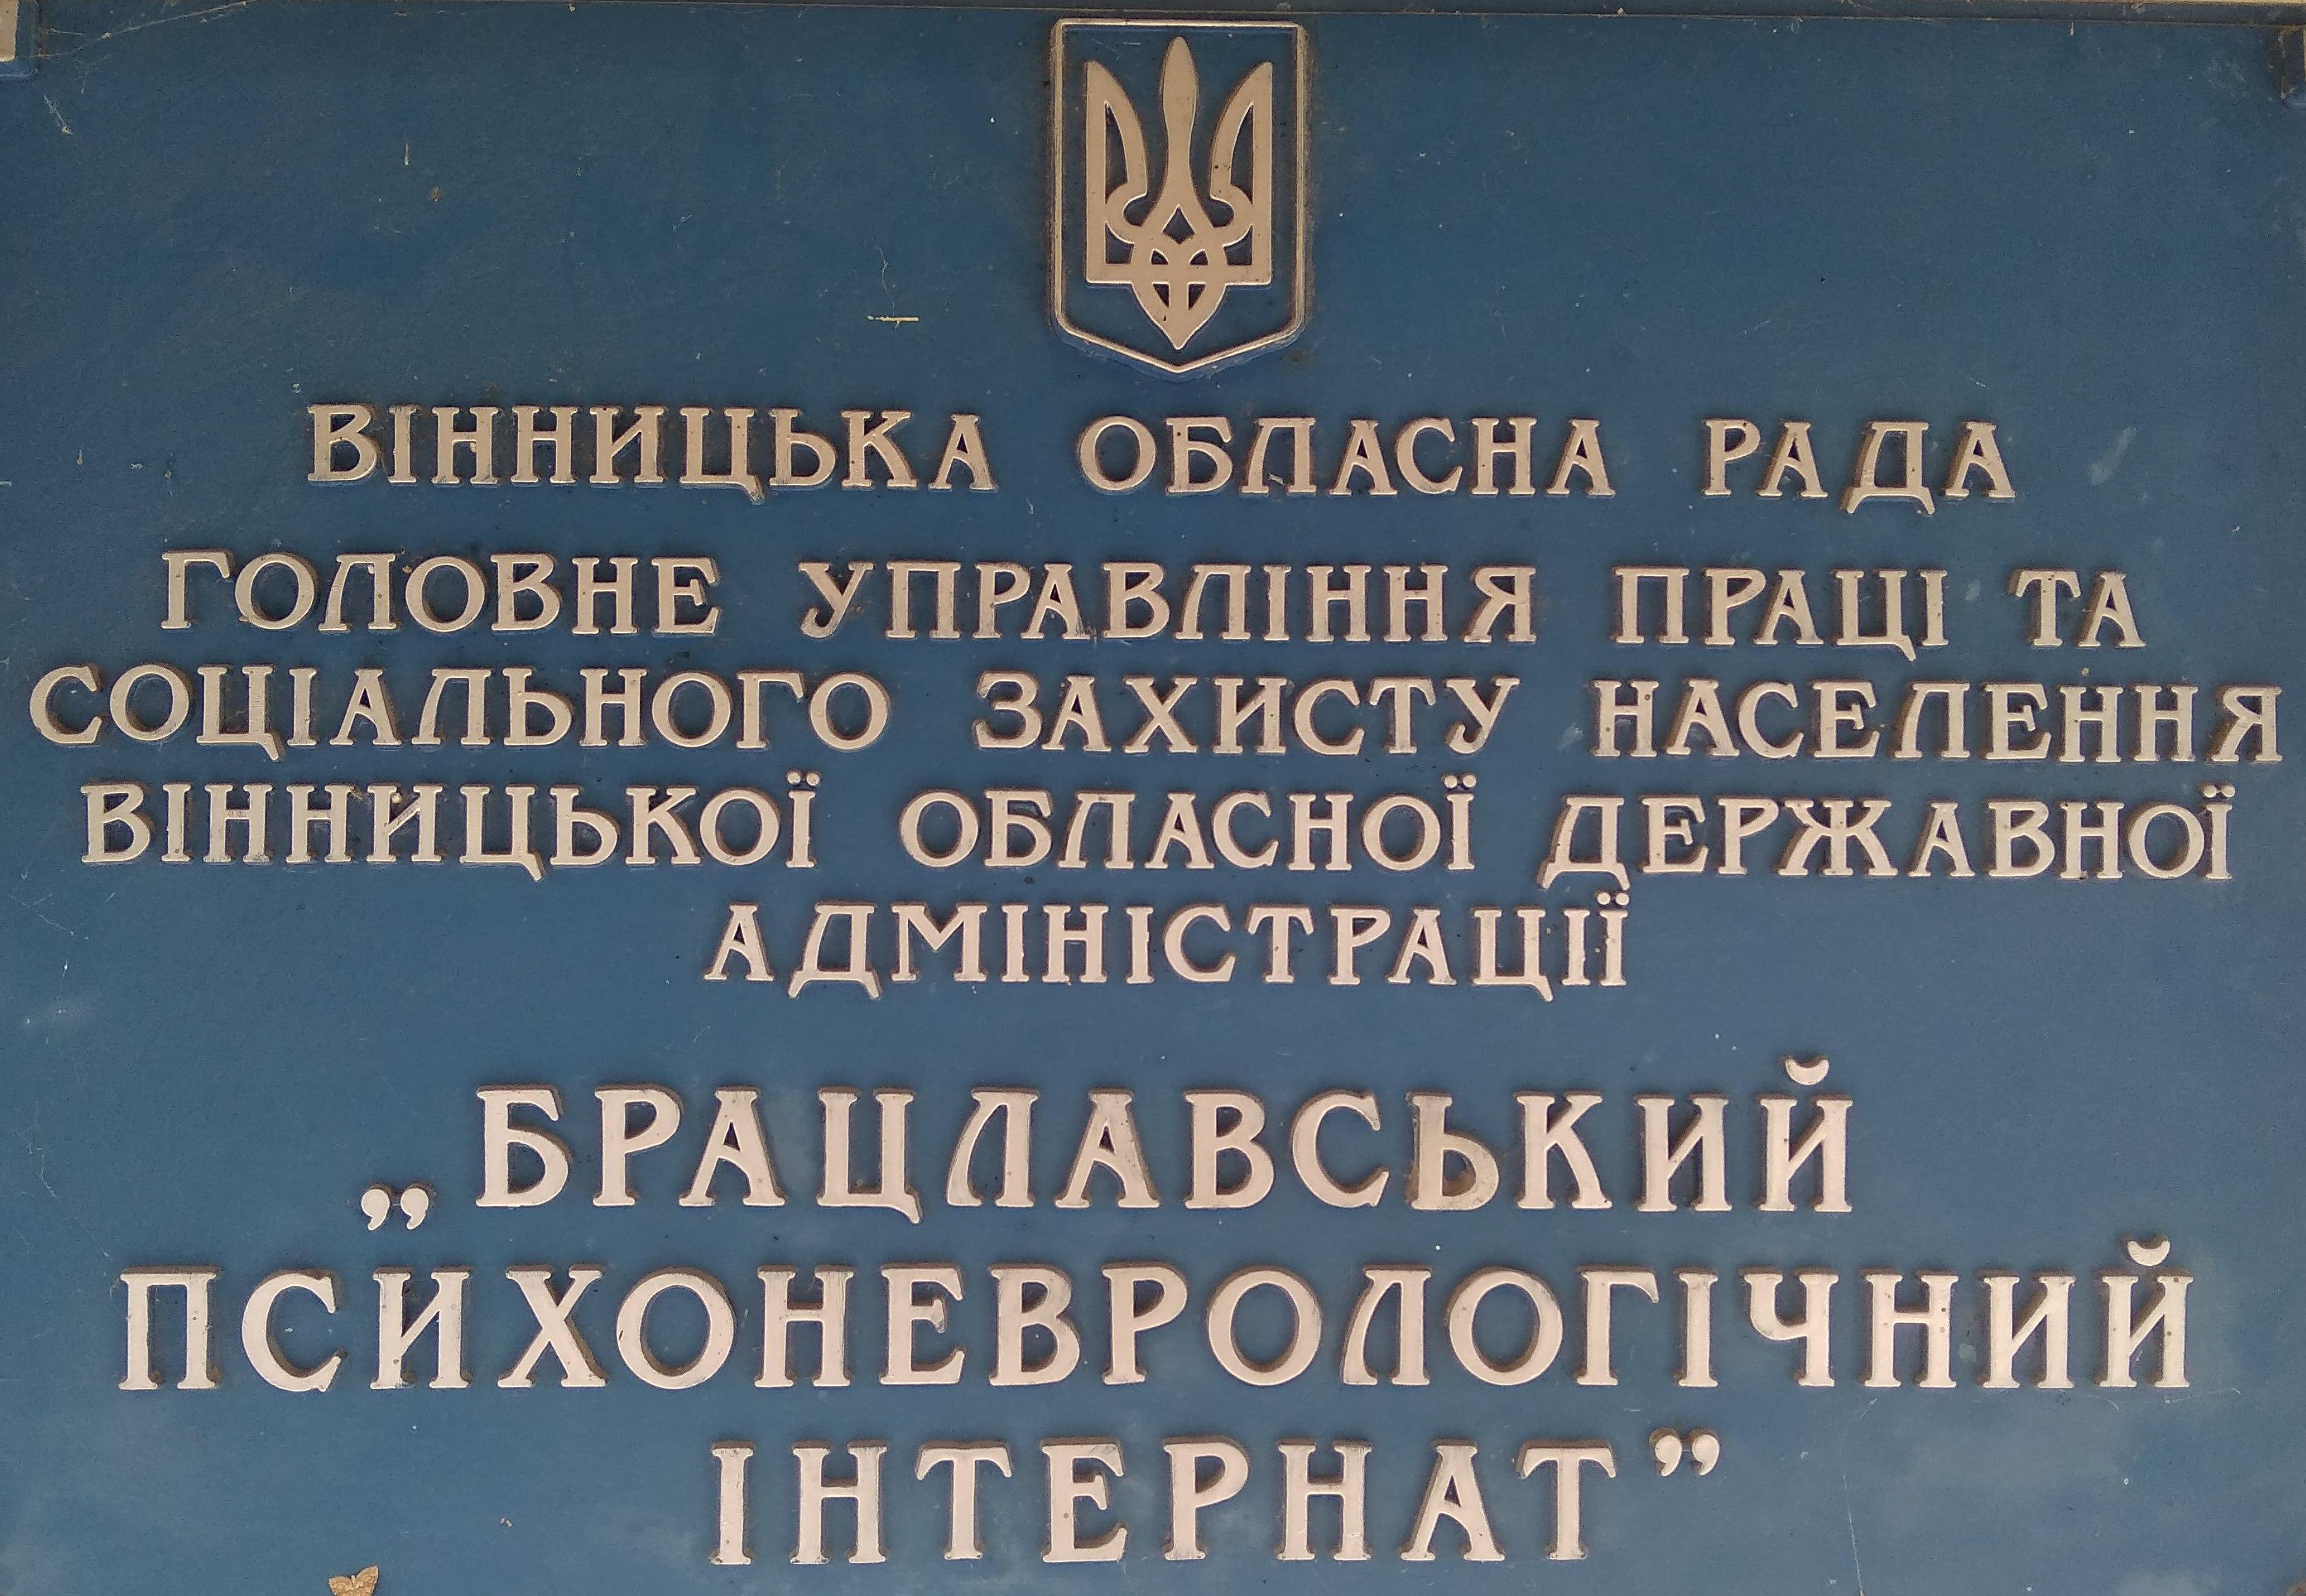 bratslavskyi-psykhonevrolohichnyi-budynok-internat